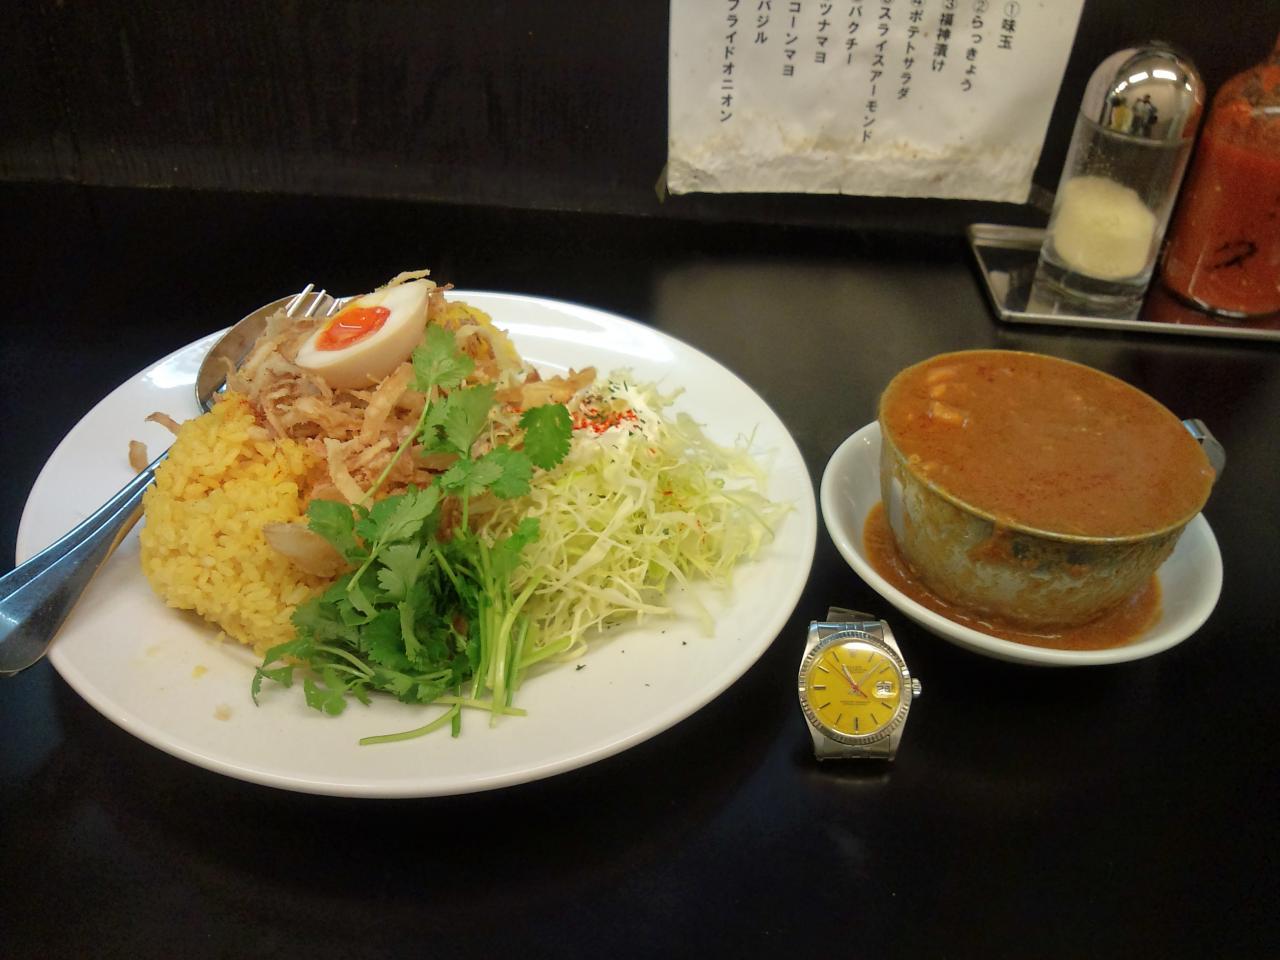 カレーは飲み物秋葉原店(鶏カレー山盛り)